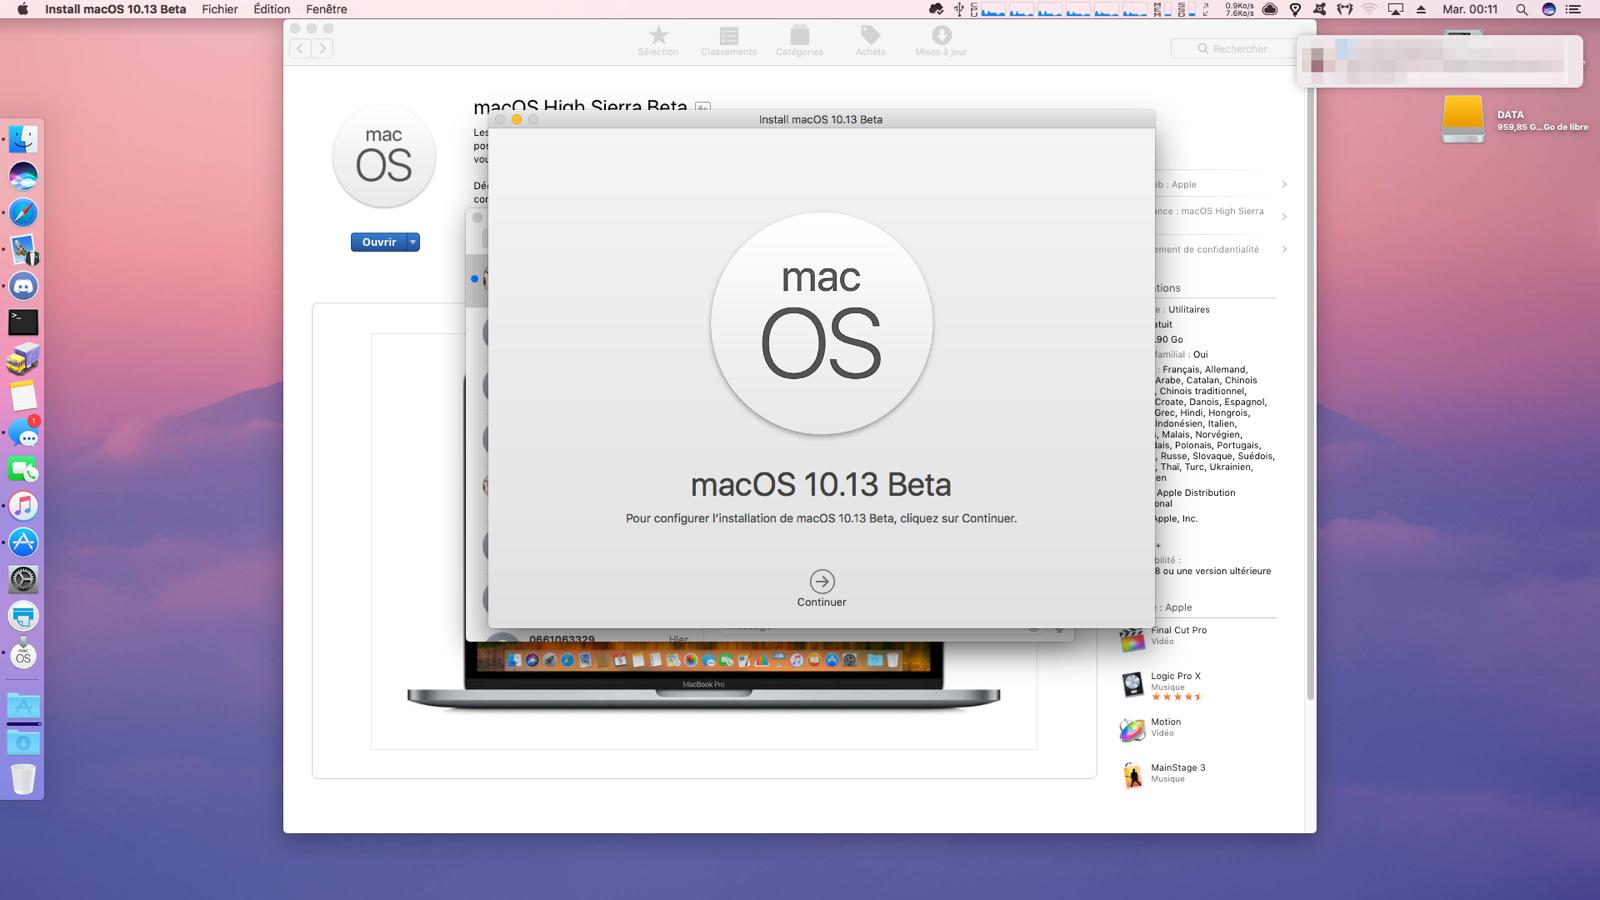 macOS%20High%20Sierra%20Mac%20Pro.png